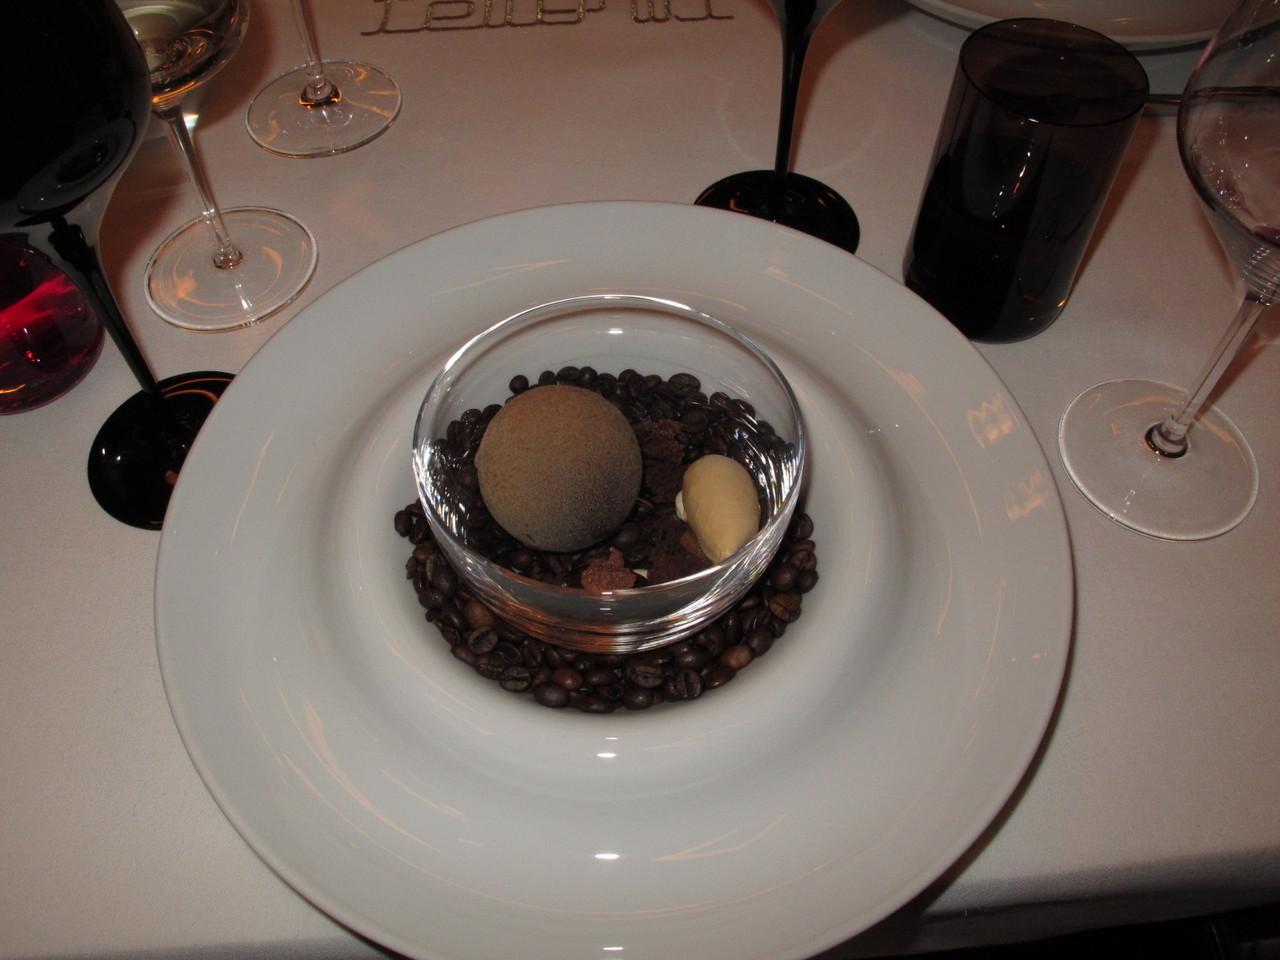 Numa sobremesa decorada com grãos de café...